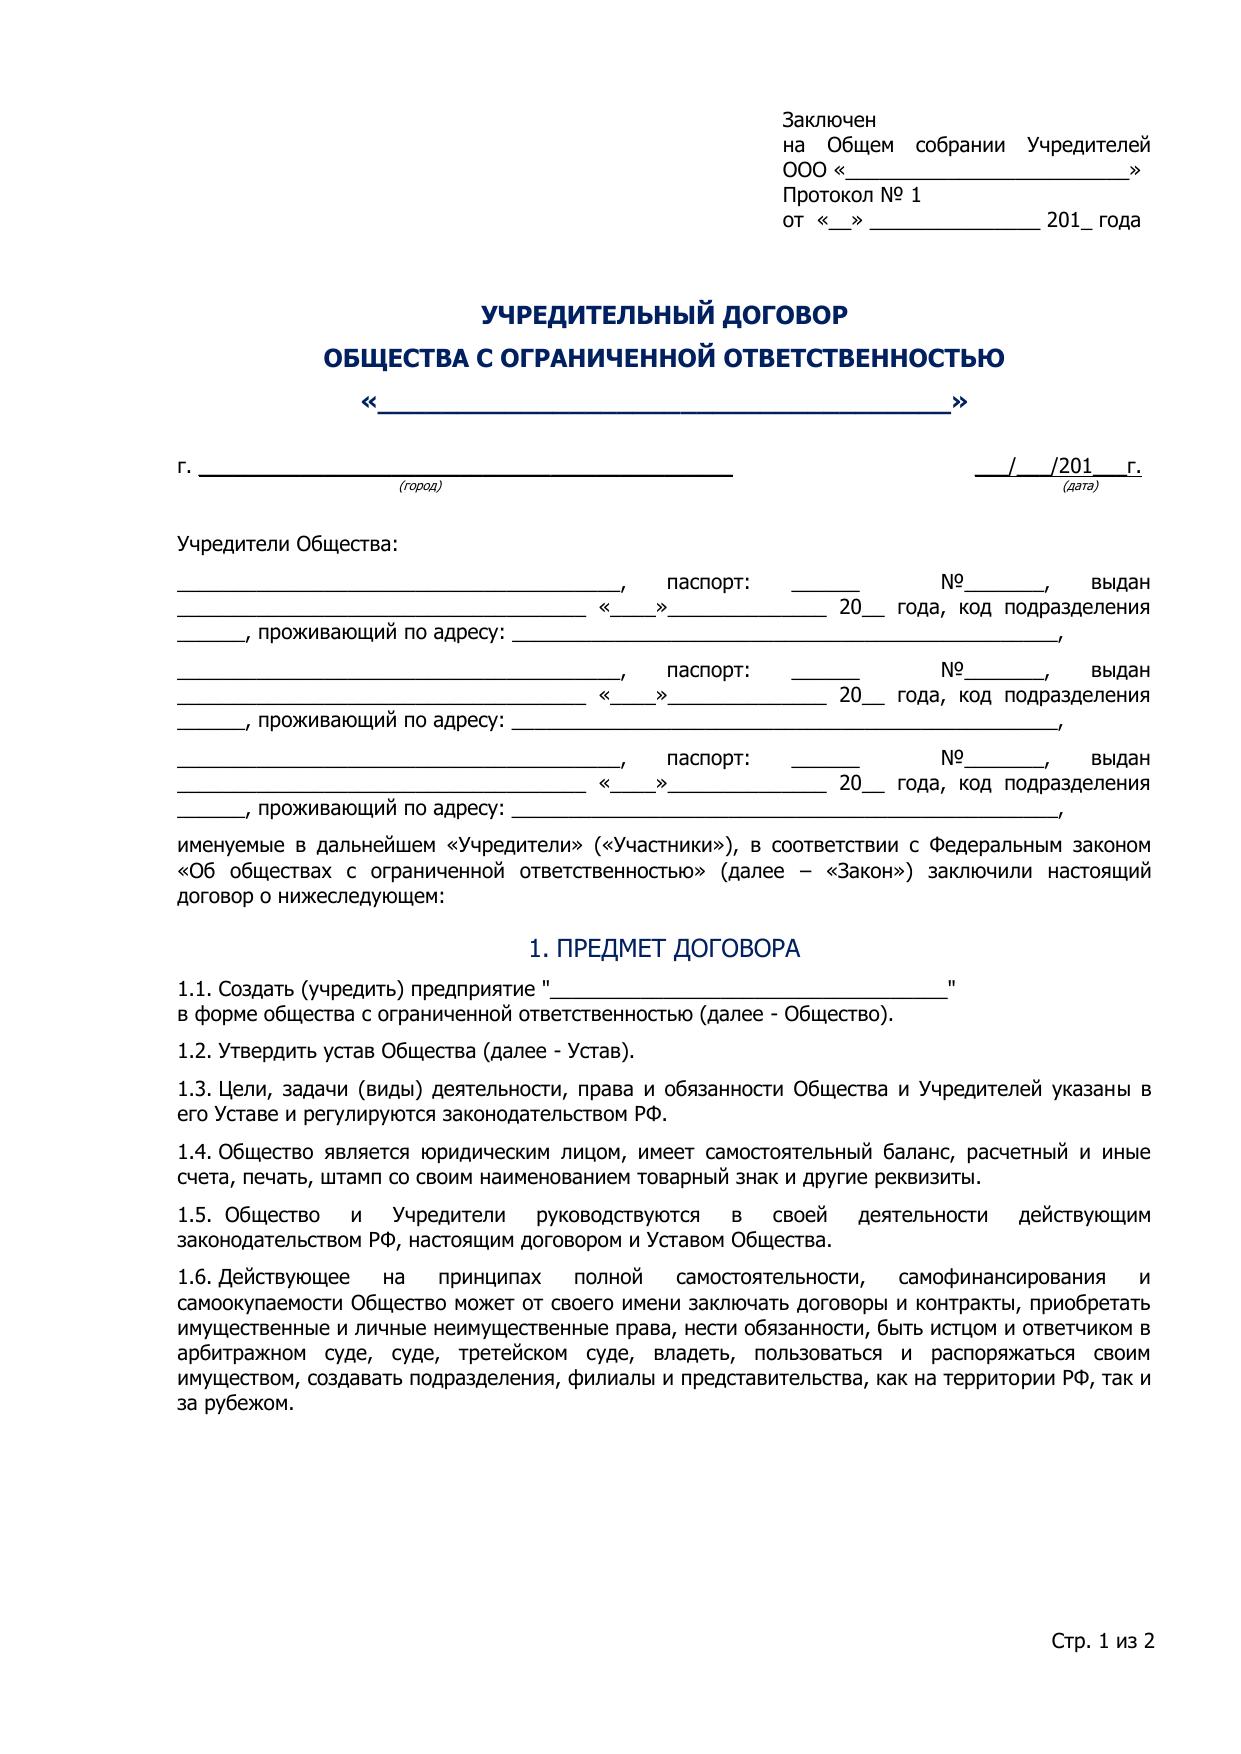 Образец учредительного договора 2018 с двумя учредителями